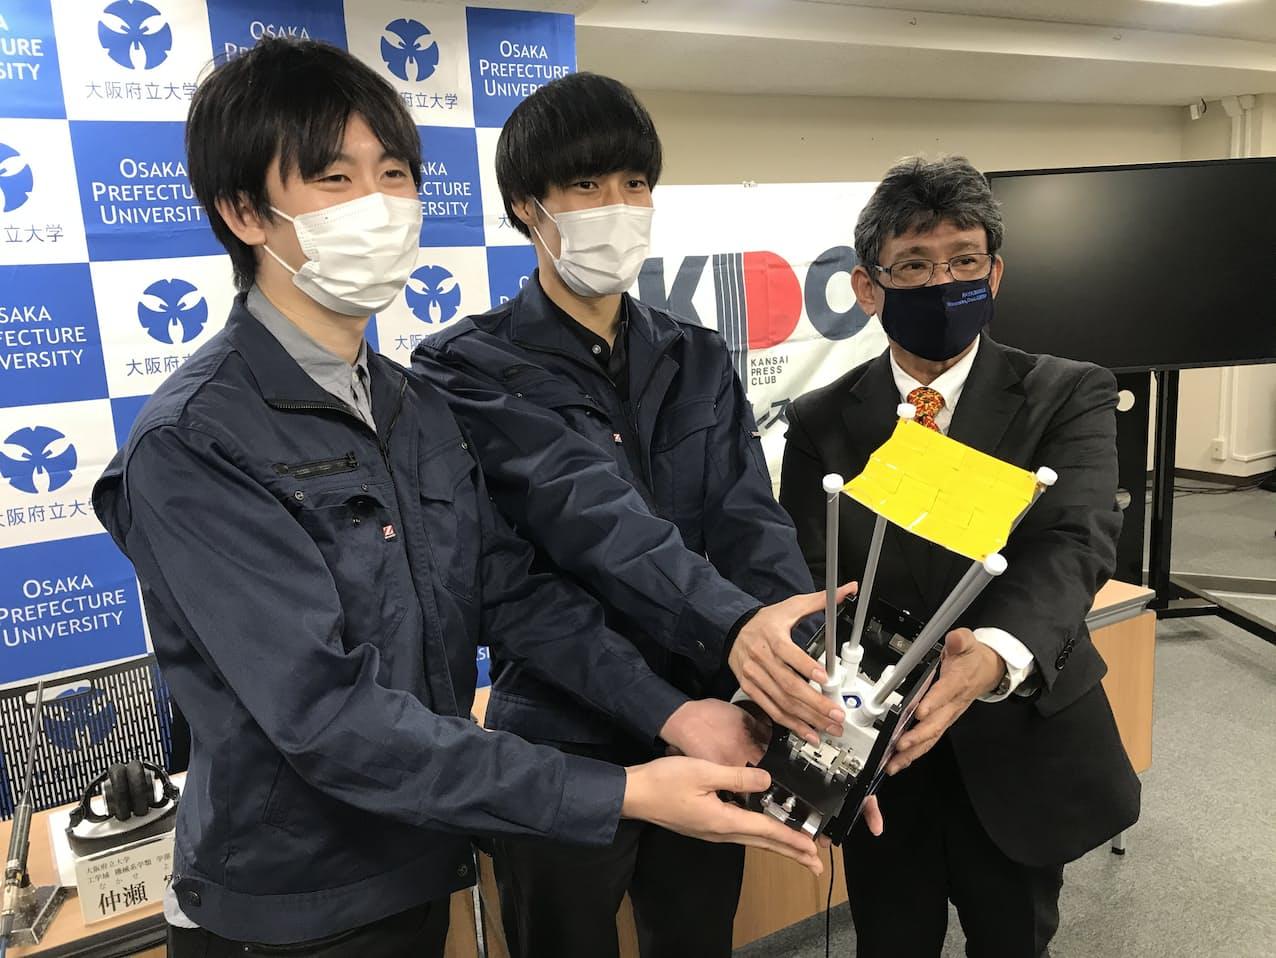 大阪府立大学小型宇宙機システム研究センターが開発した超小型衛星「ひろがり」の模型を持つメンバー(㊨が小木曽望教授)